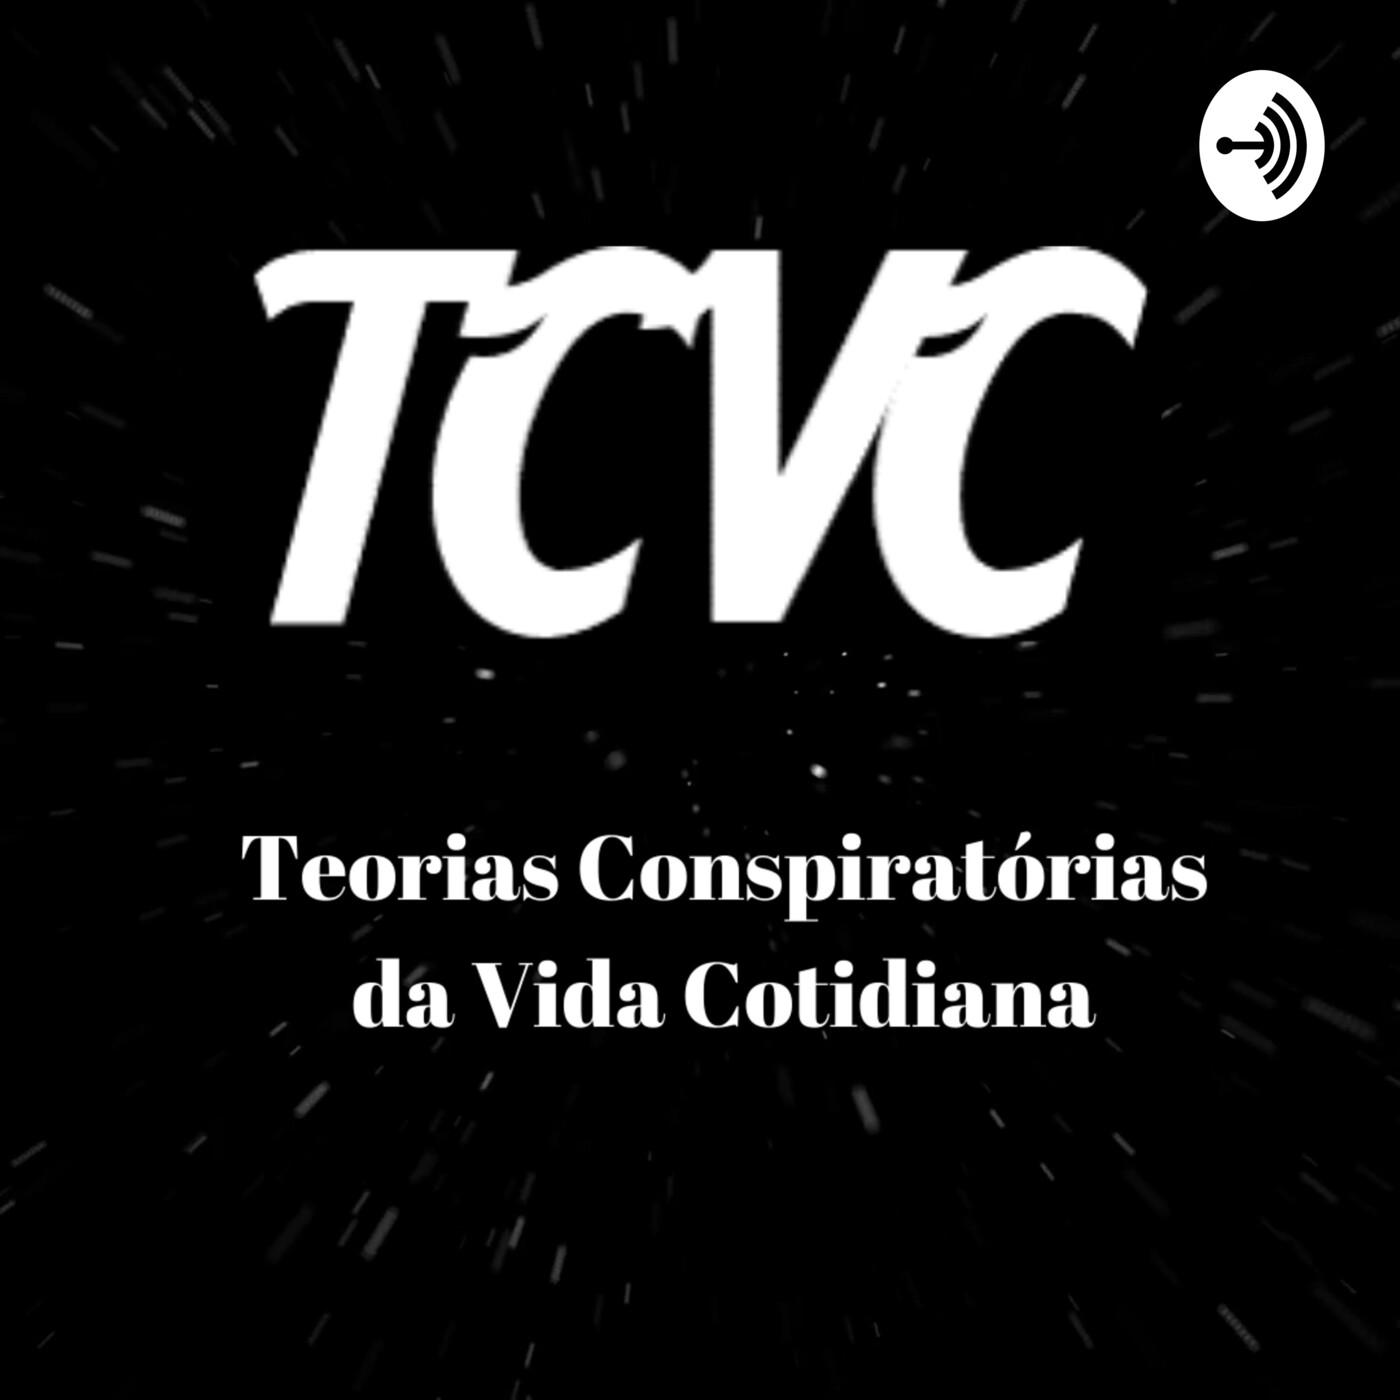 TCVC ESPECIAL #1 - Reflexões sobre SEXO